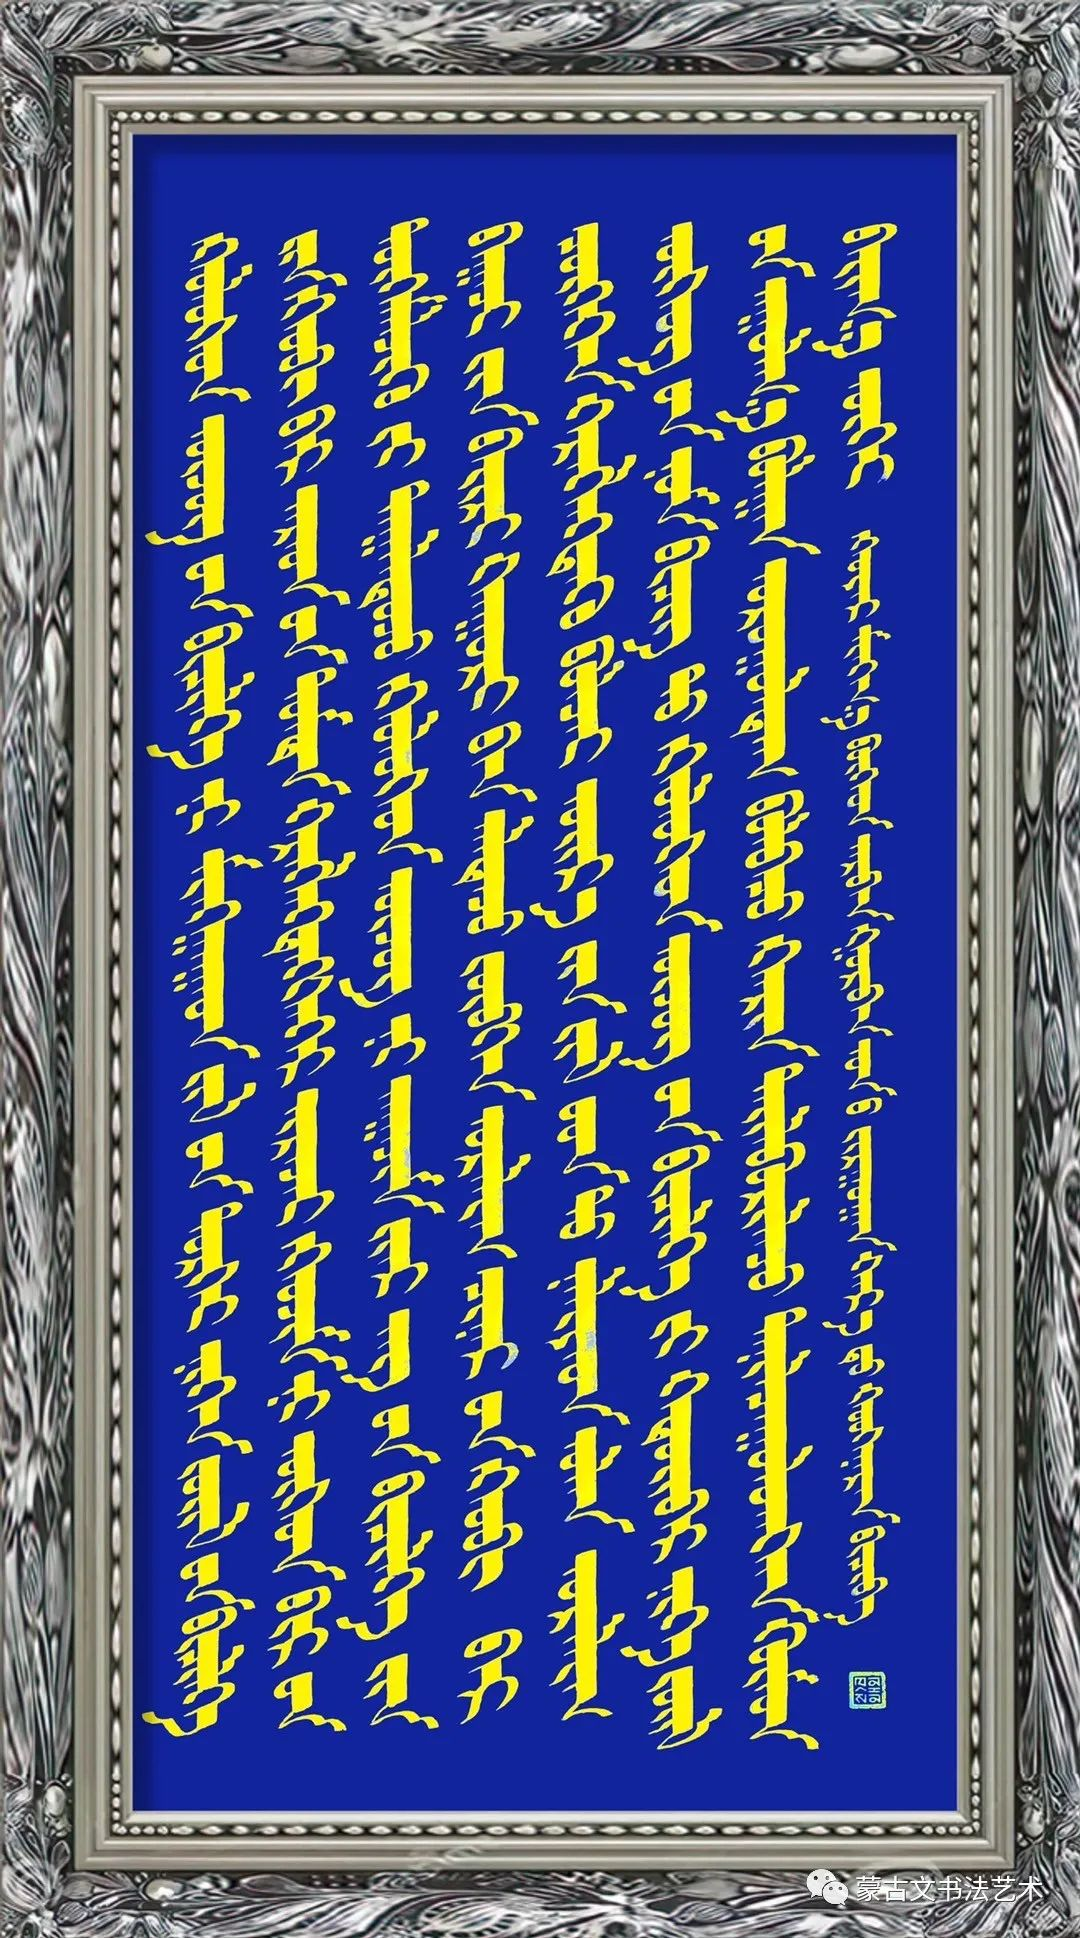 好斯那拉书法作品欣赏 第15张 好斯那拉书法作品欣赏 蒙古书法